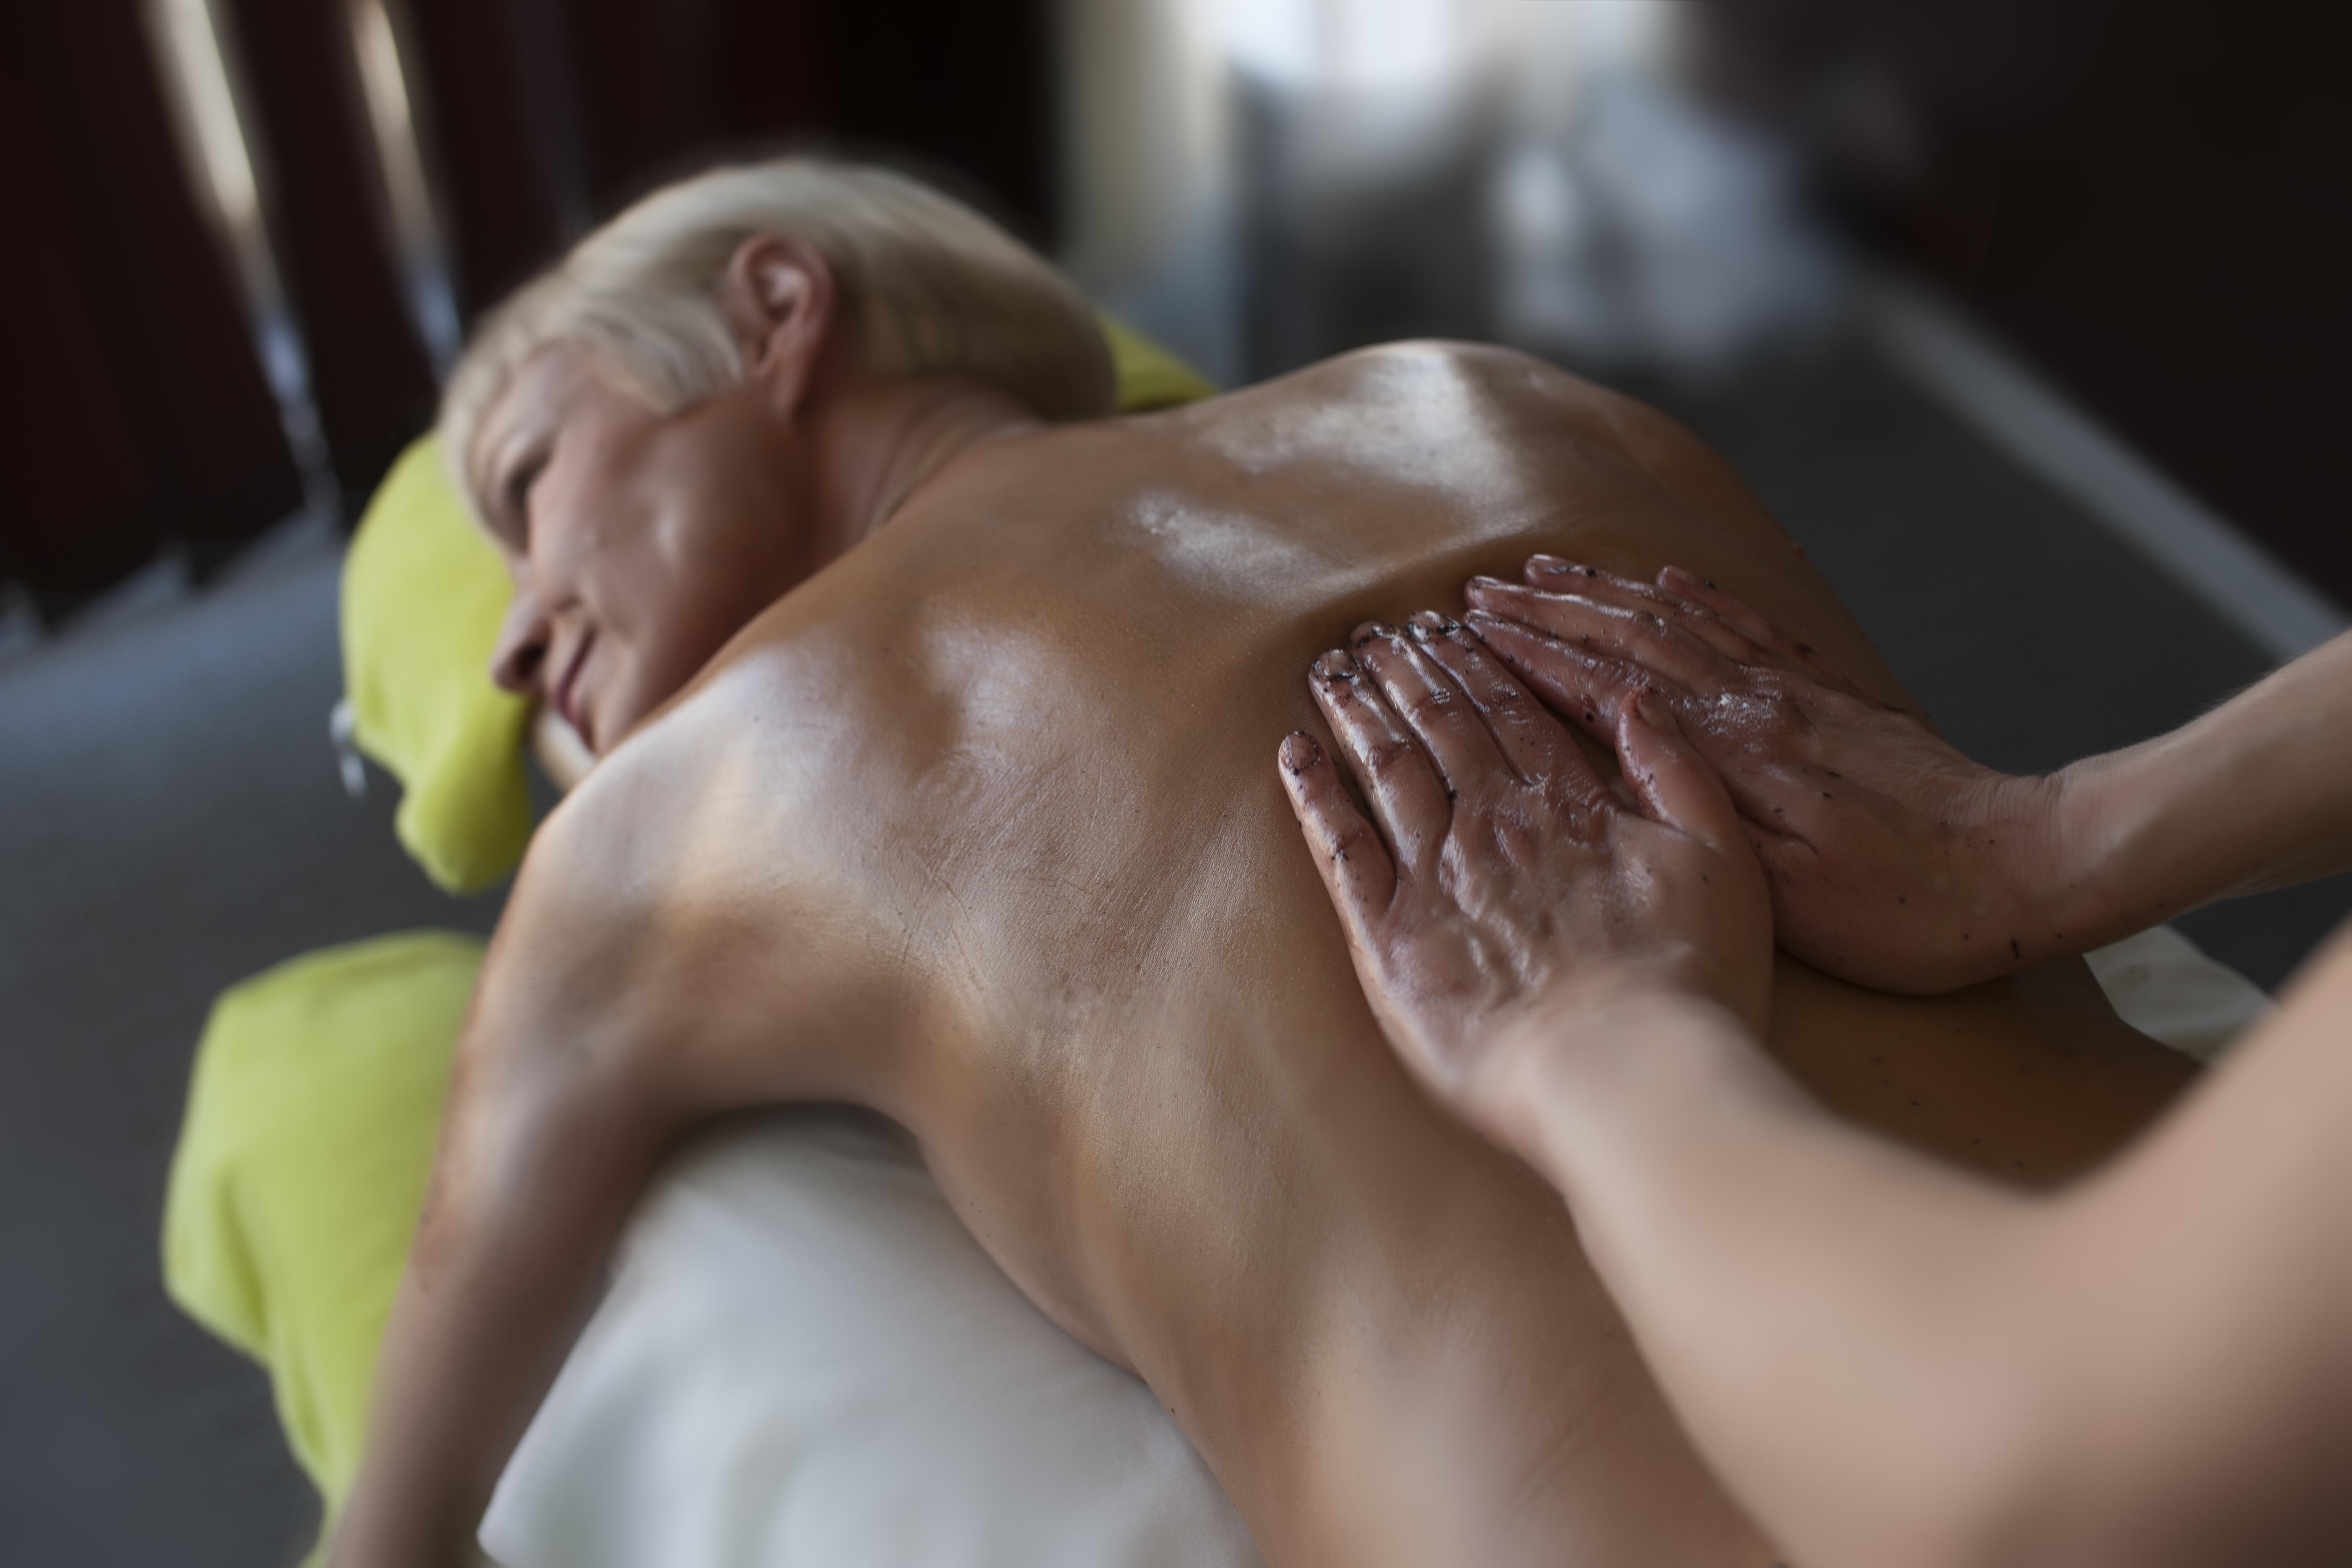 sexwork ne tallinn erotic massage